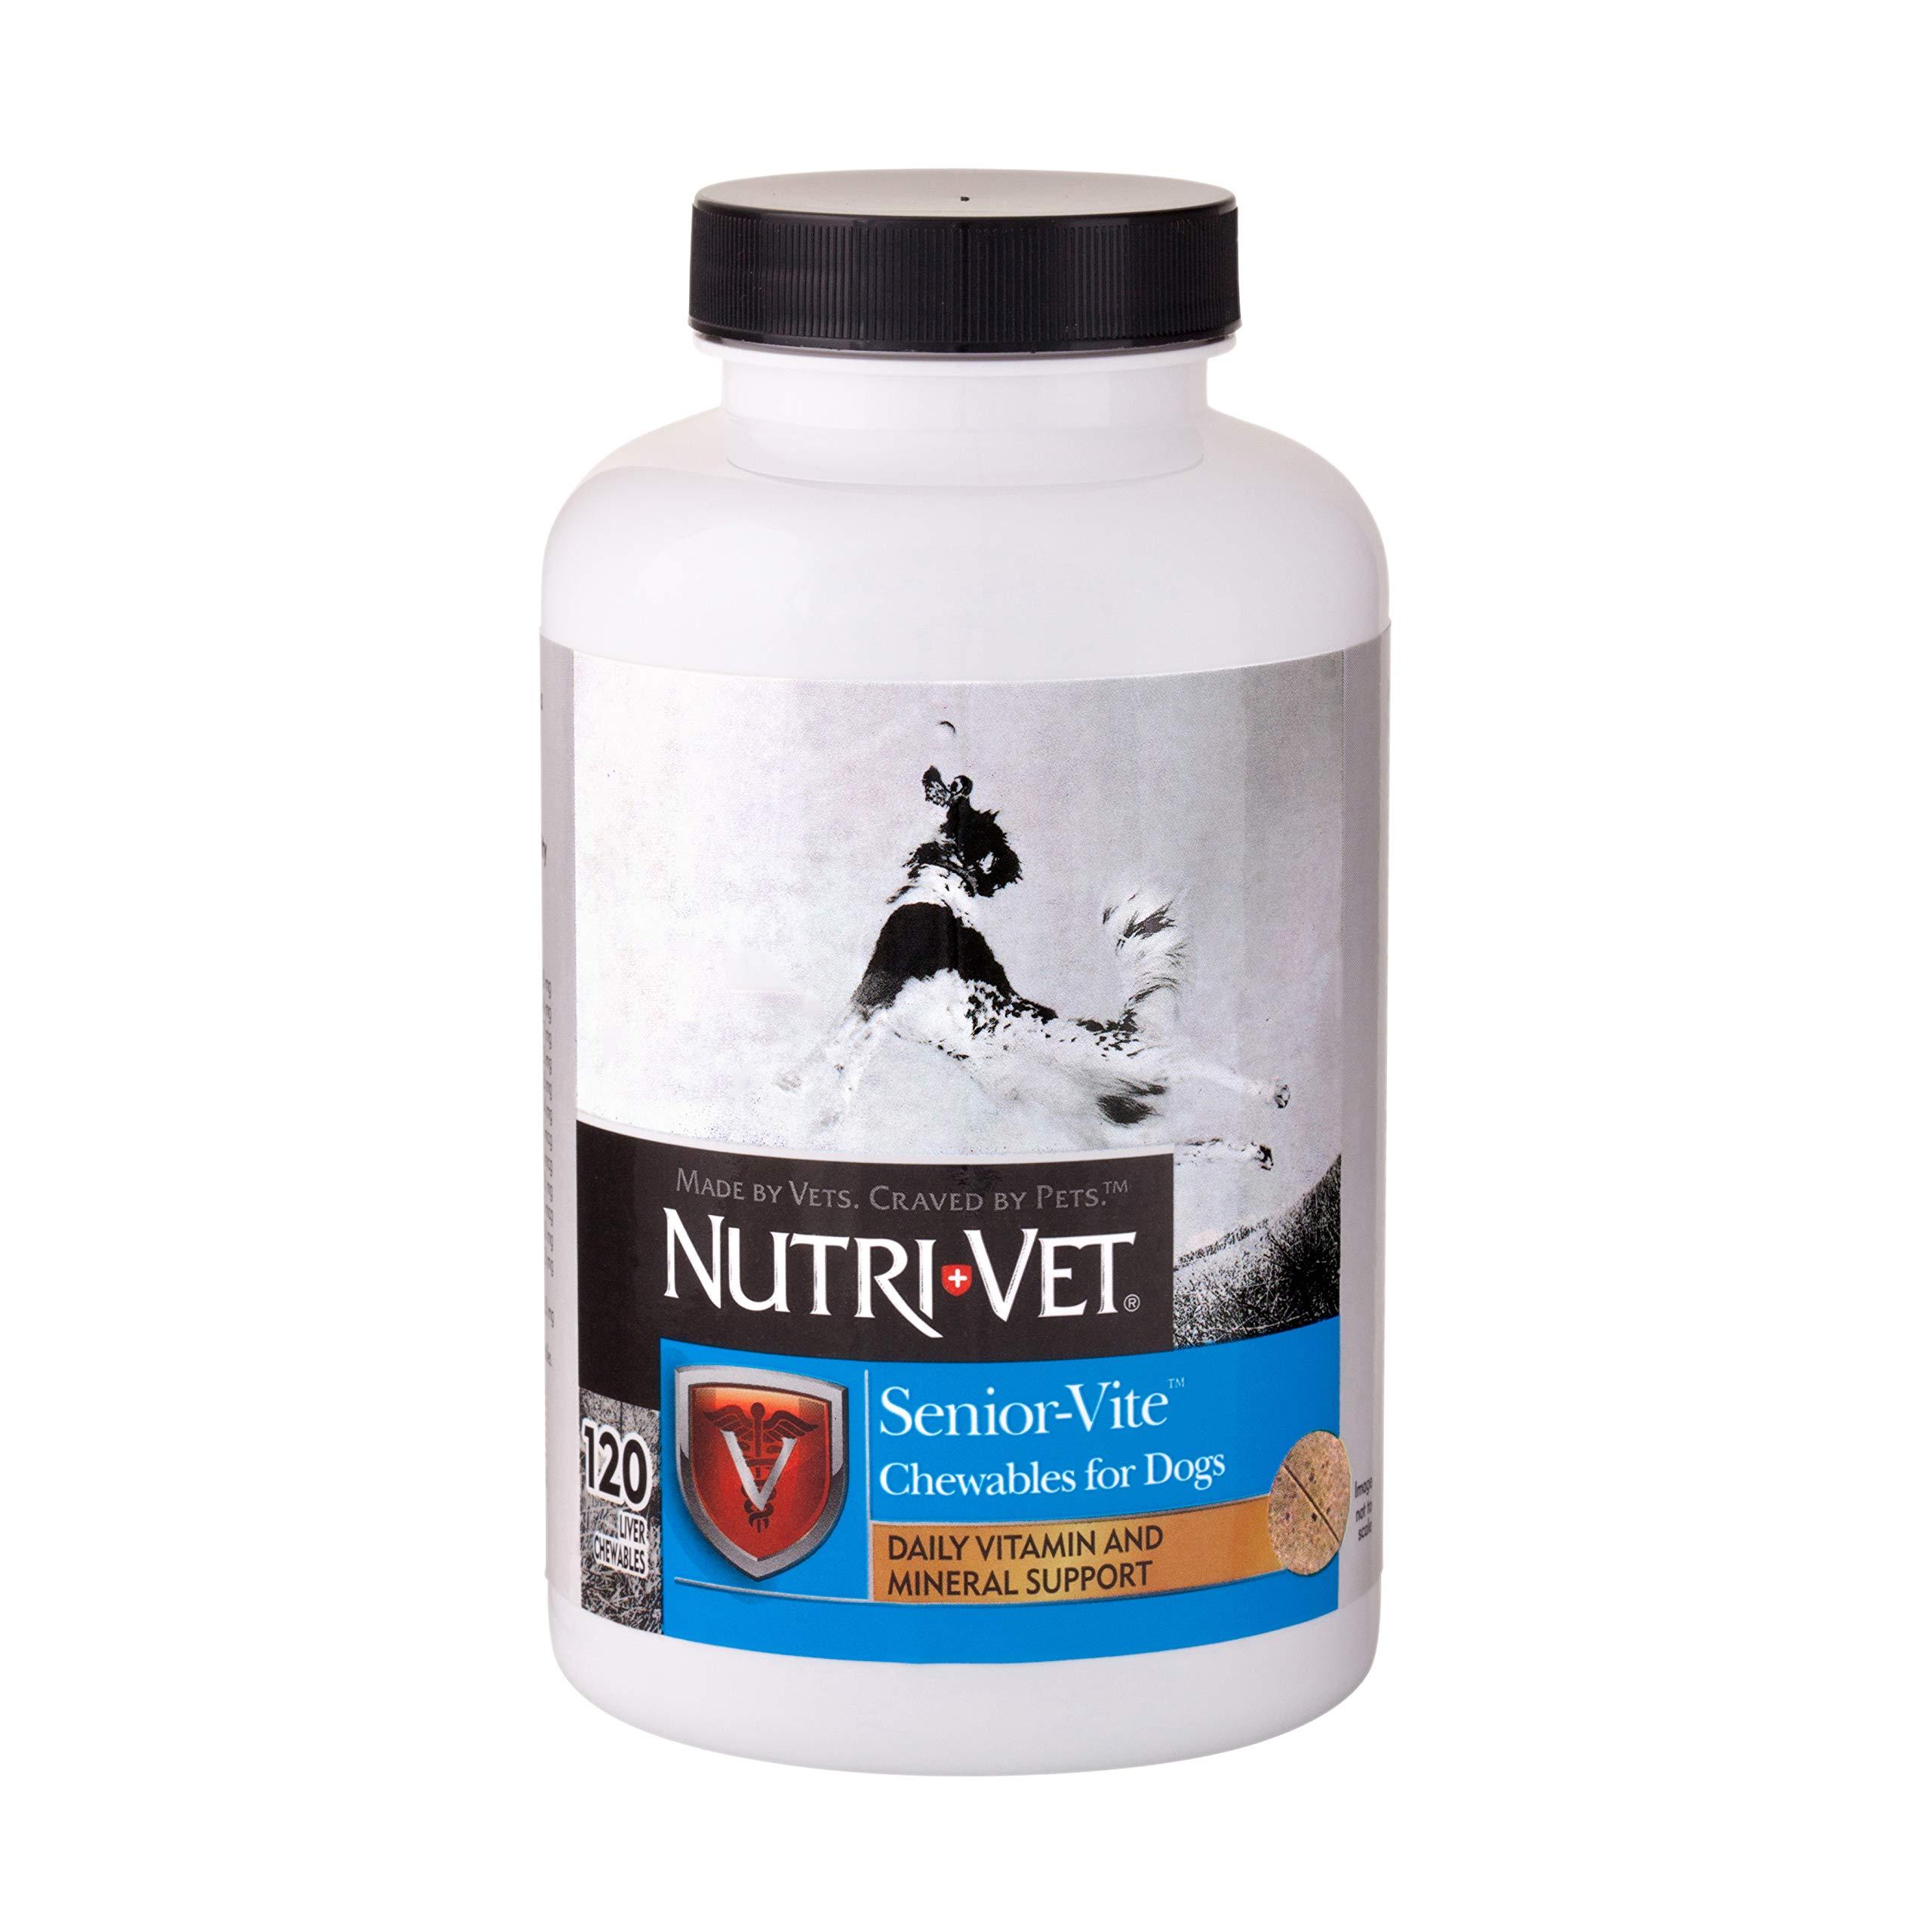 Nutri-Vet Senior-Vite Chewables for Dogs. 120 count by Nutri-Vet